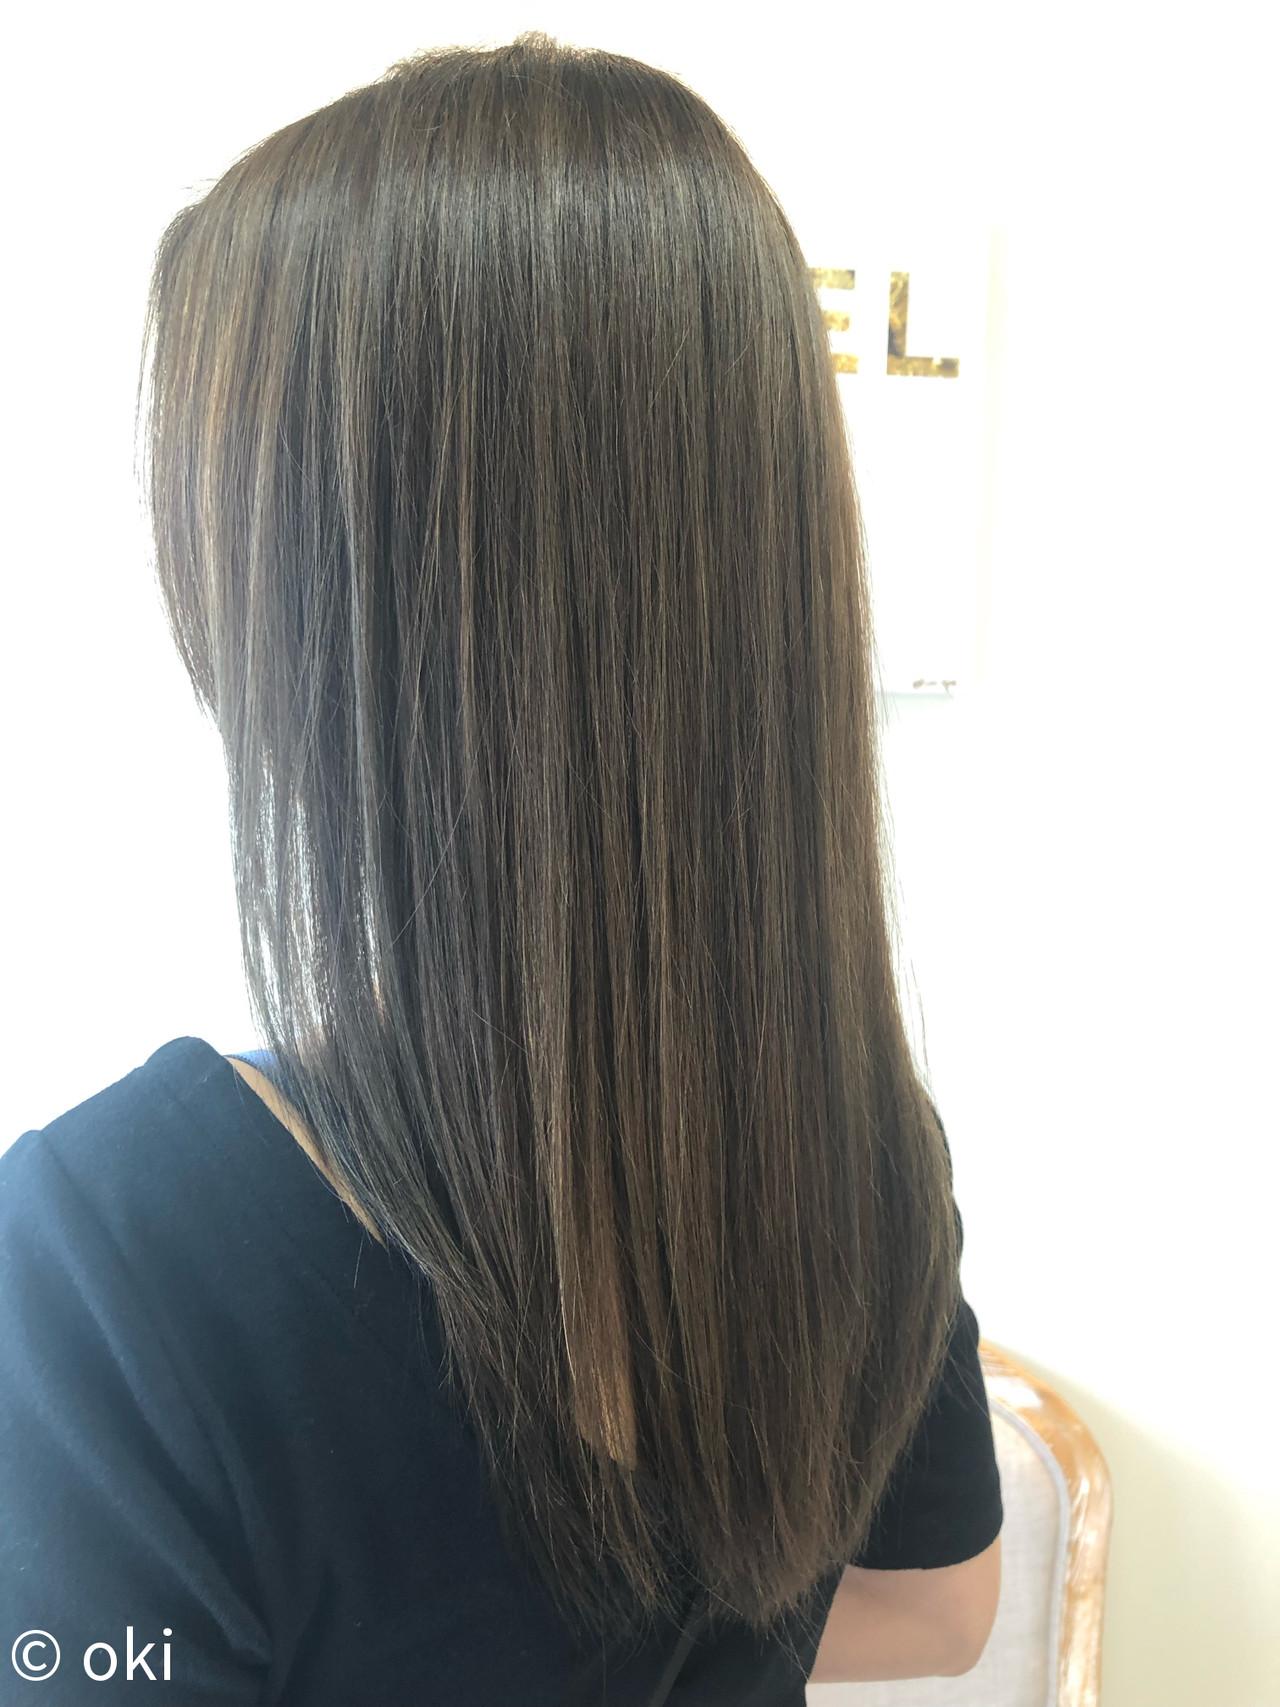 アッシュグレージュ オフィス 大人ハイライト 外国人風 ヘアスタイルや髪型の写真・画像